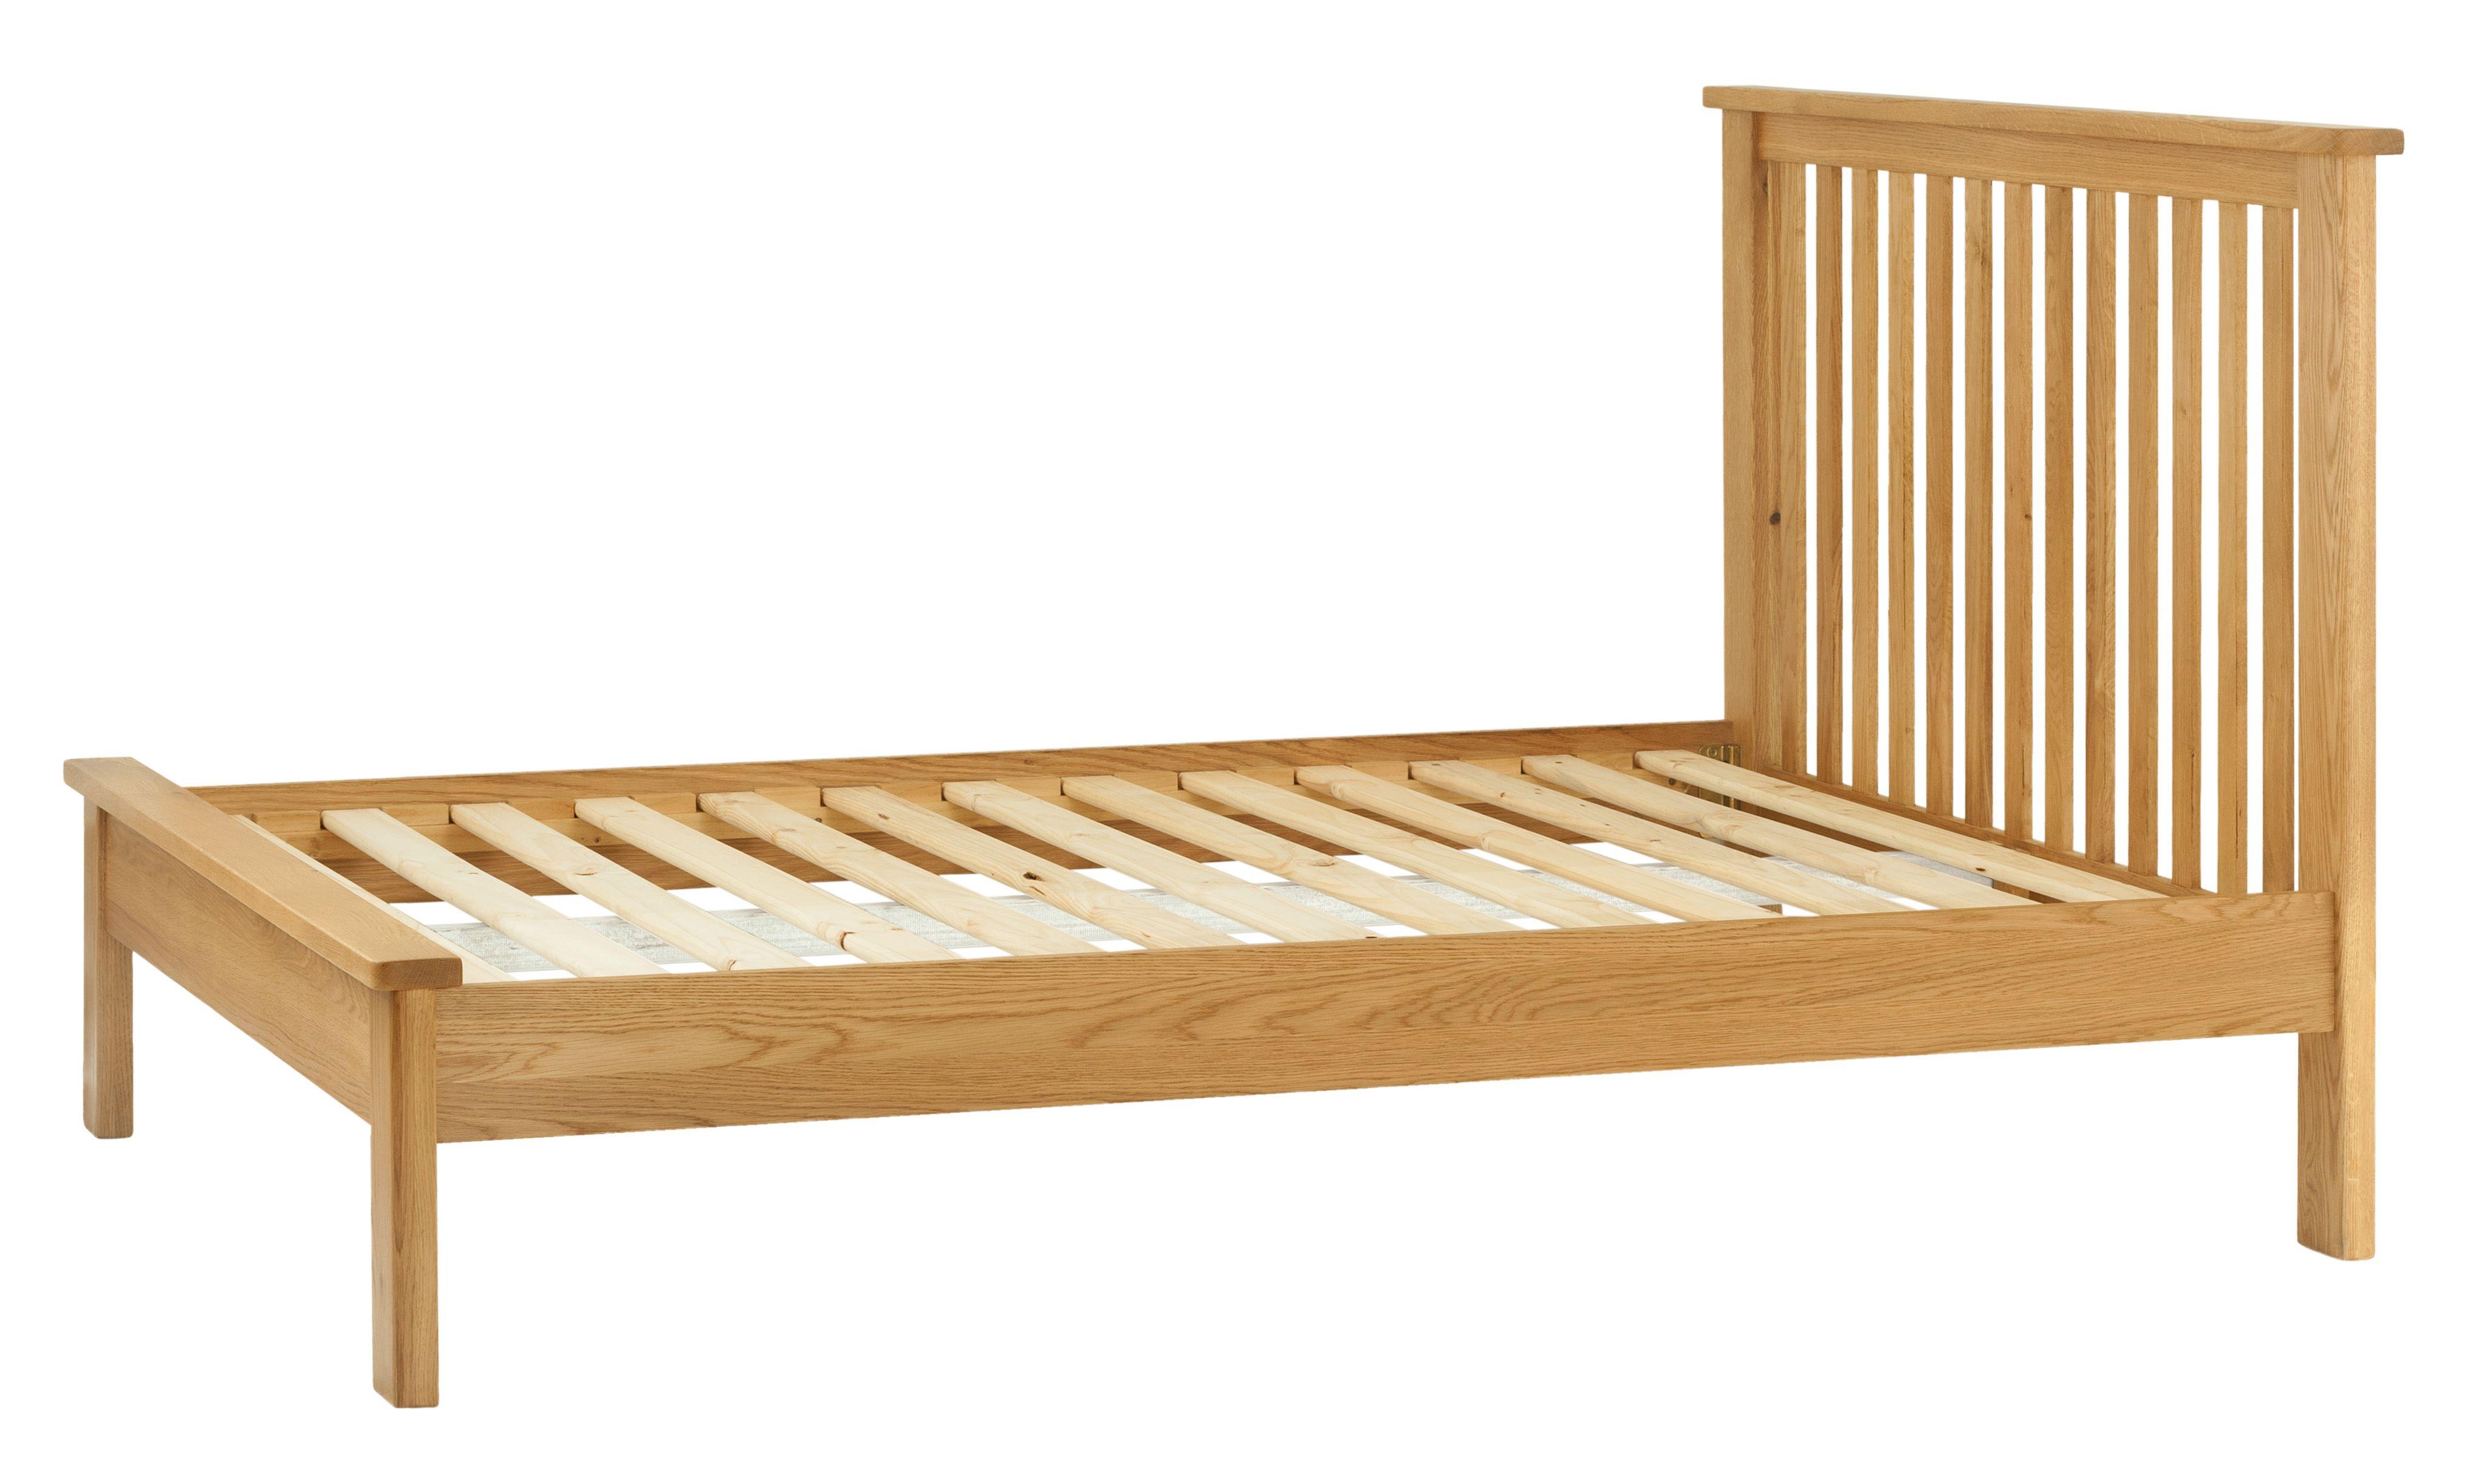 PRESTON GRAND 4'6 Bed